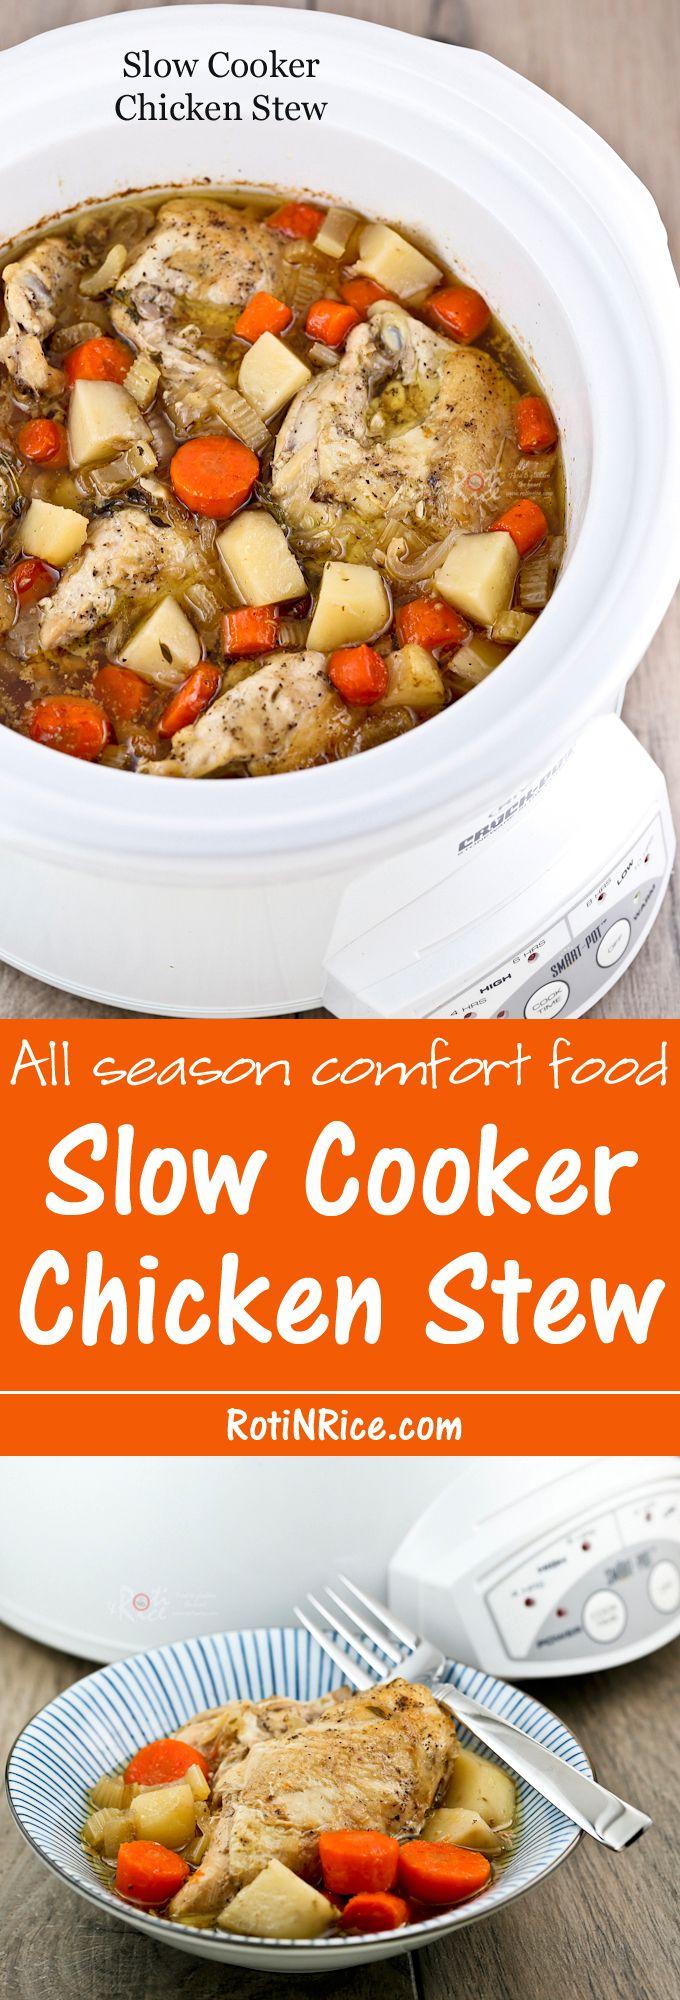 Slow Cooker Chicken Stew | Recipe | Slow Cooker Chicken Stew, Slow ...